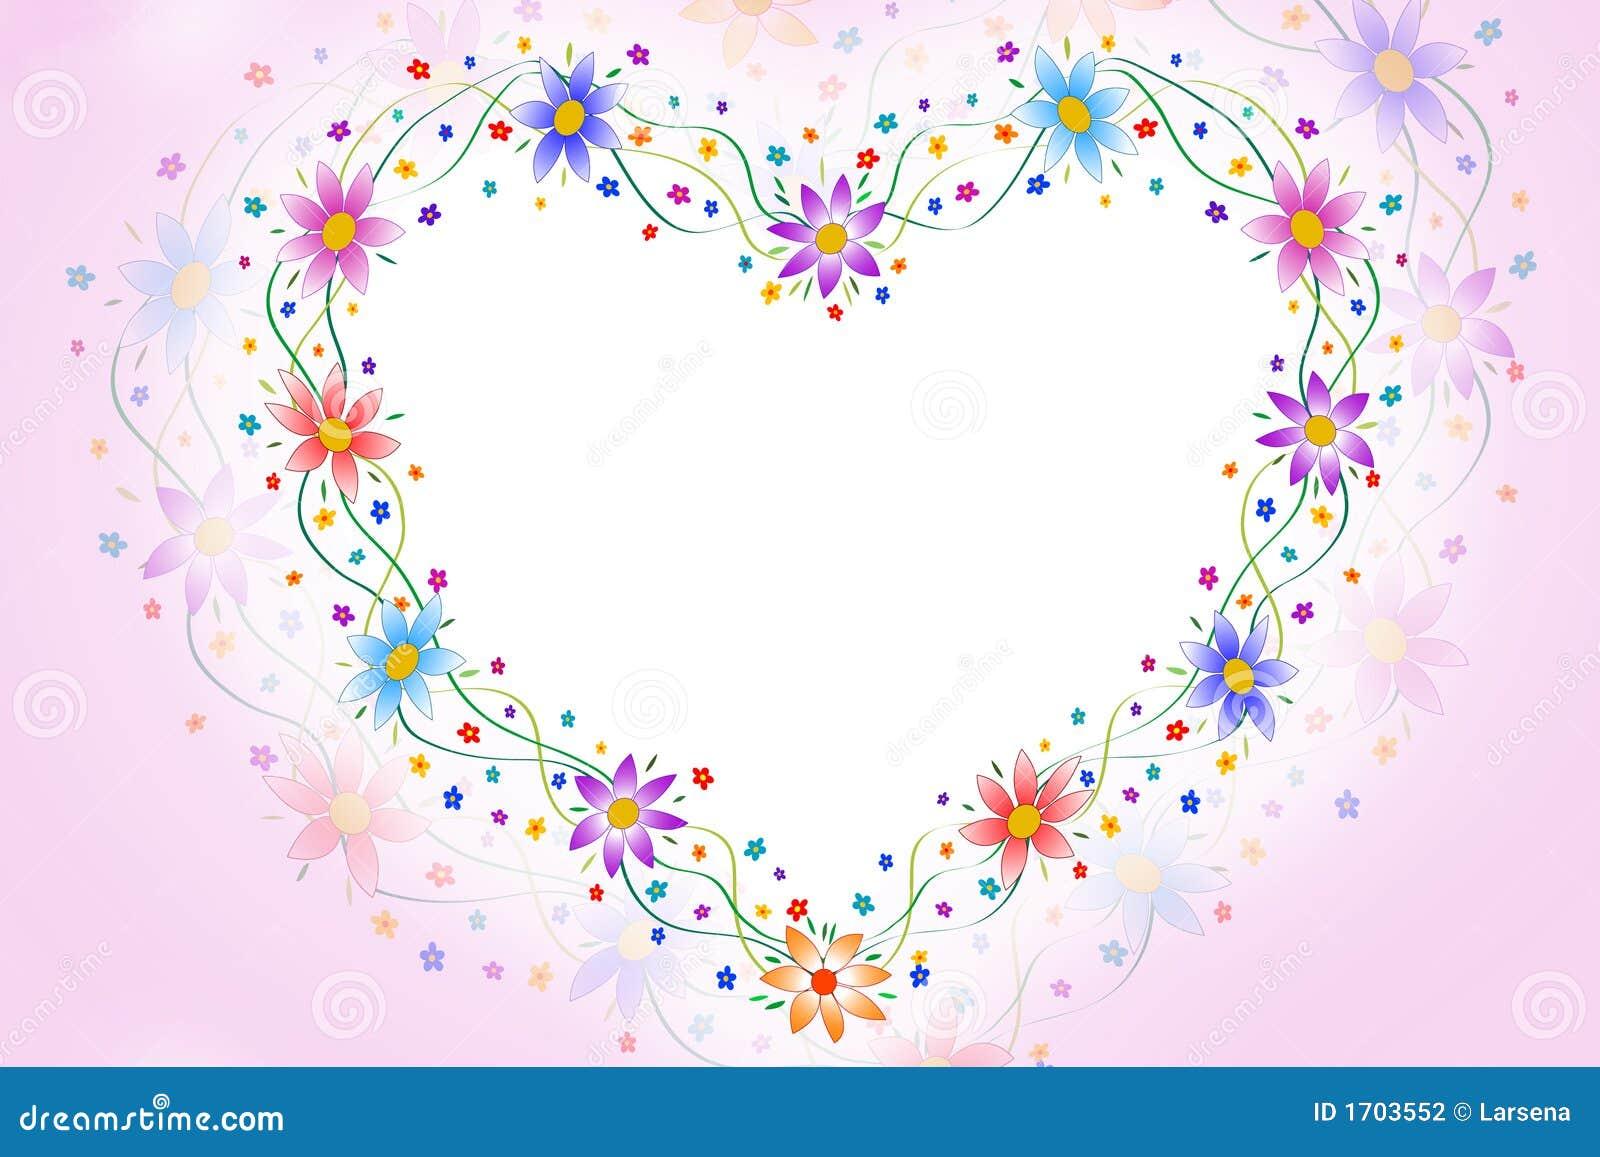 Heart flowers frame